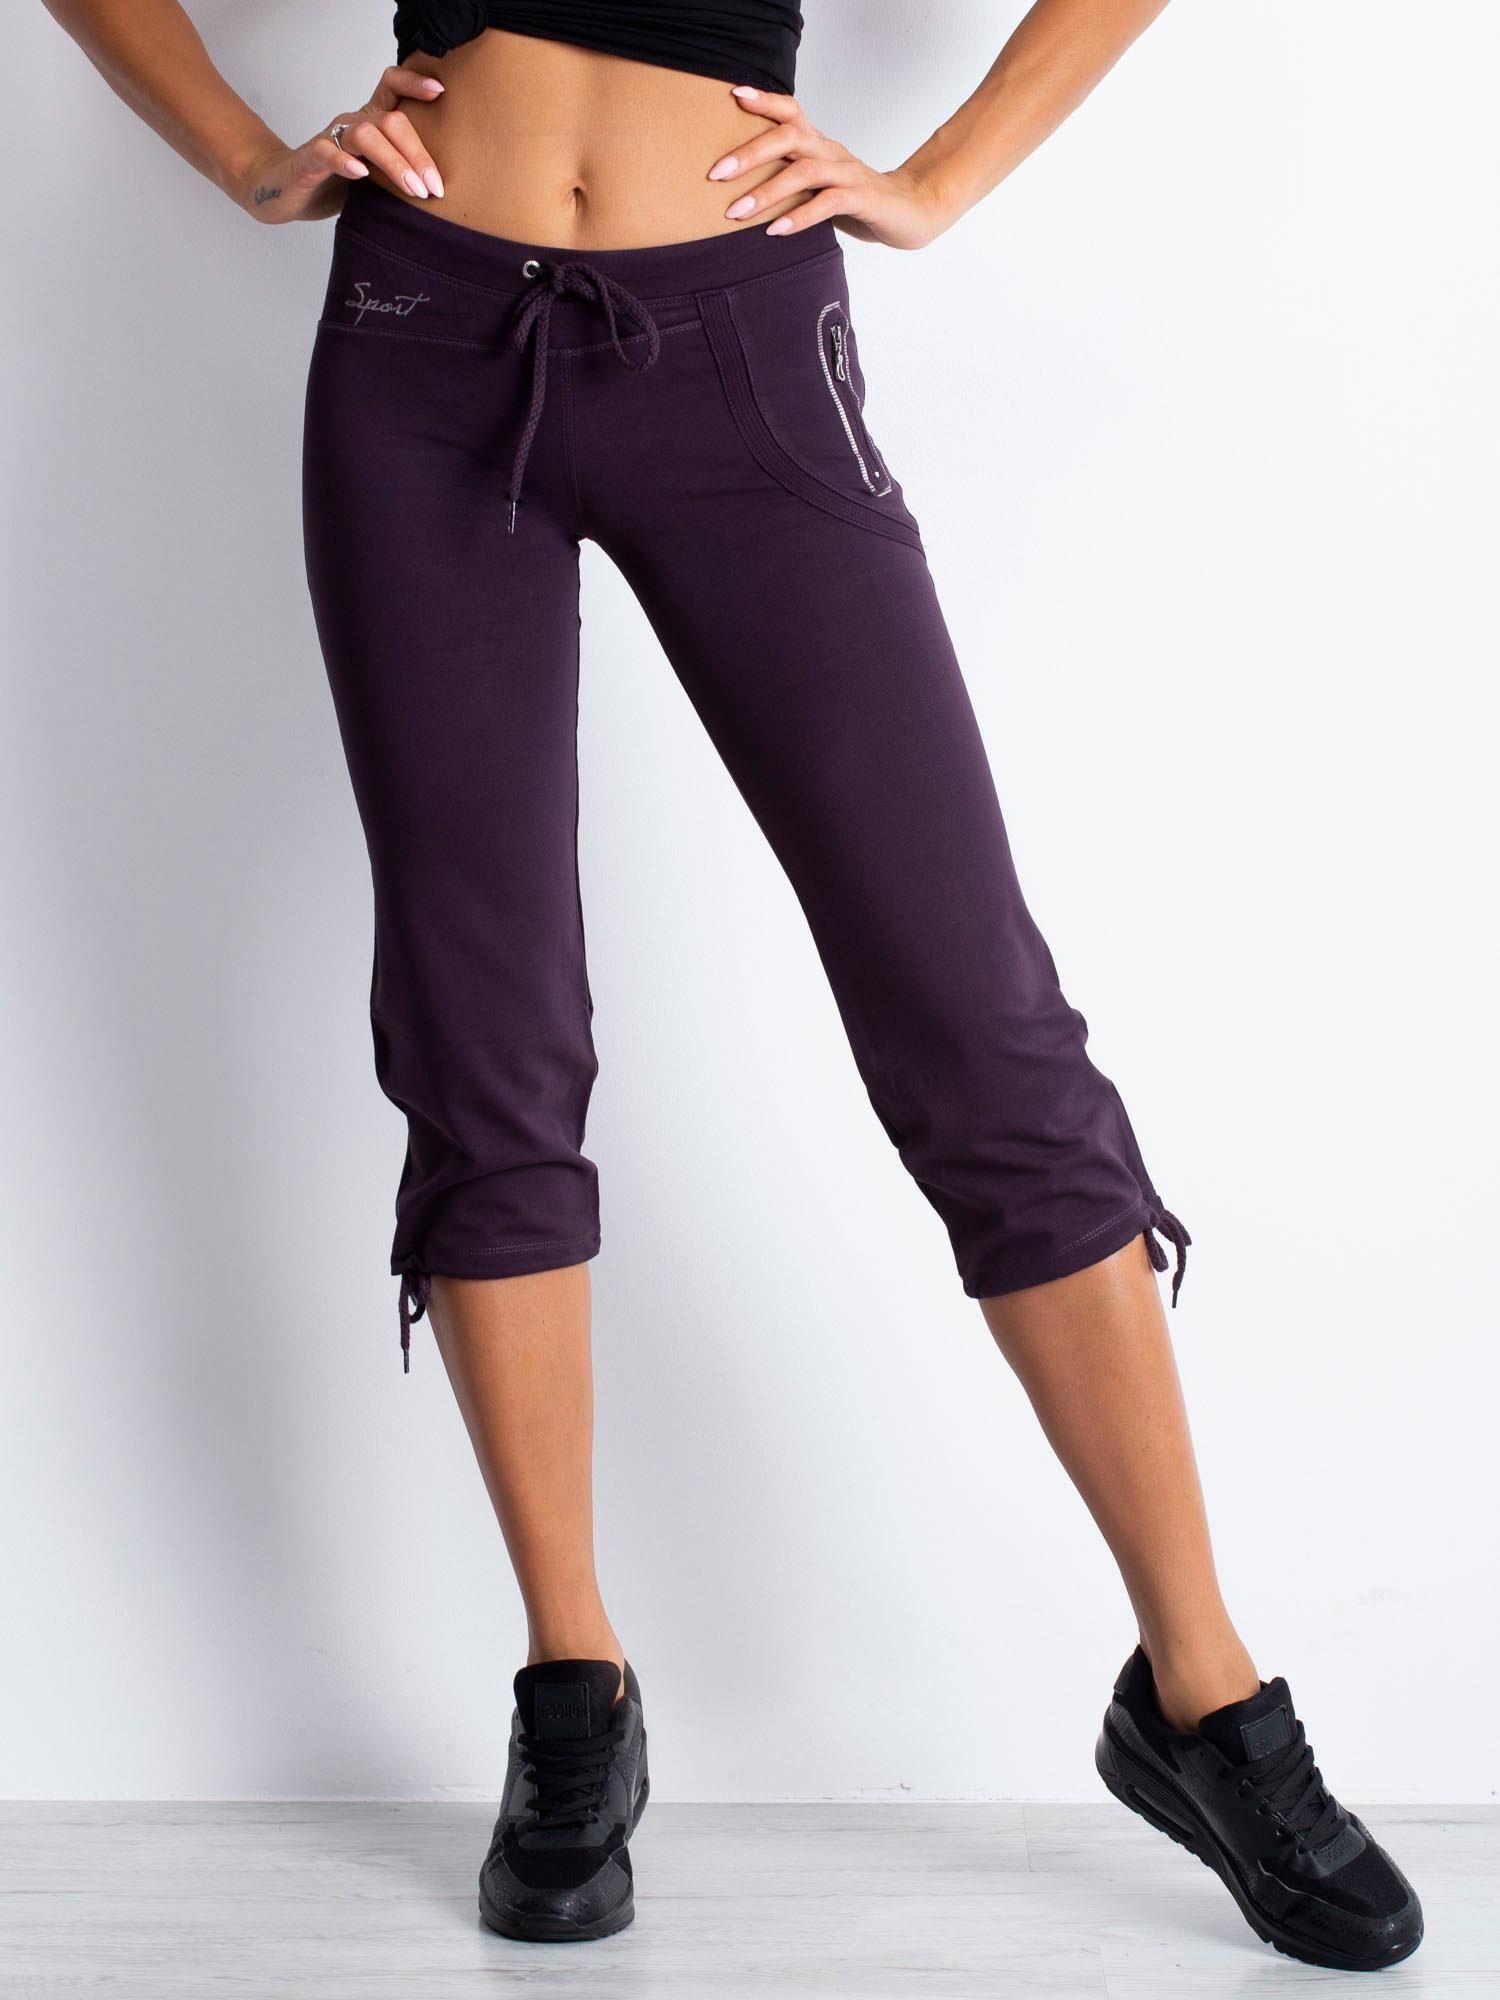 Ciemnofioletowe spodnie dresowe capri z boczną kieszonką                                  zdj.                                  4